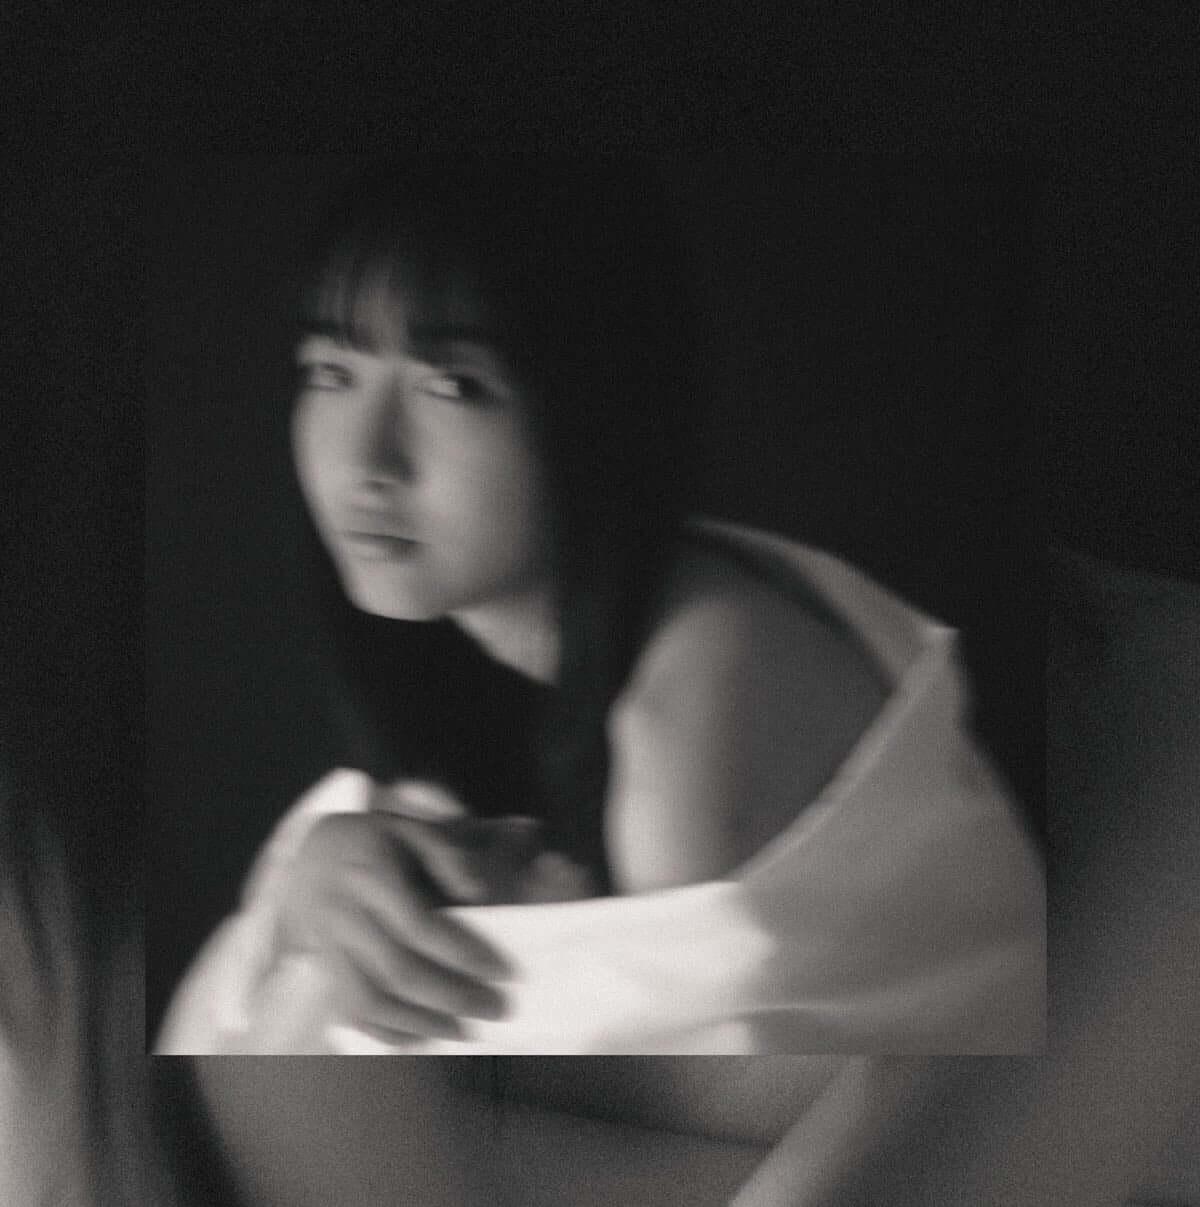 内田珠鈴、City Your Cityカバー曲「nude」MV解禁|5月29日には初のEPも発売決定 music190410_uchidashuri_1-1200x1207